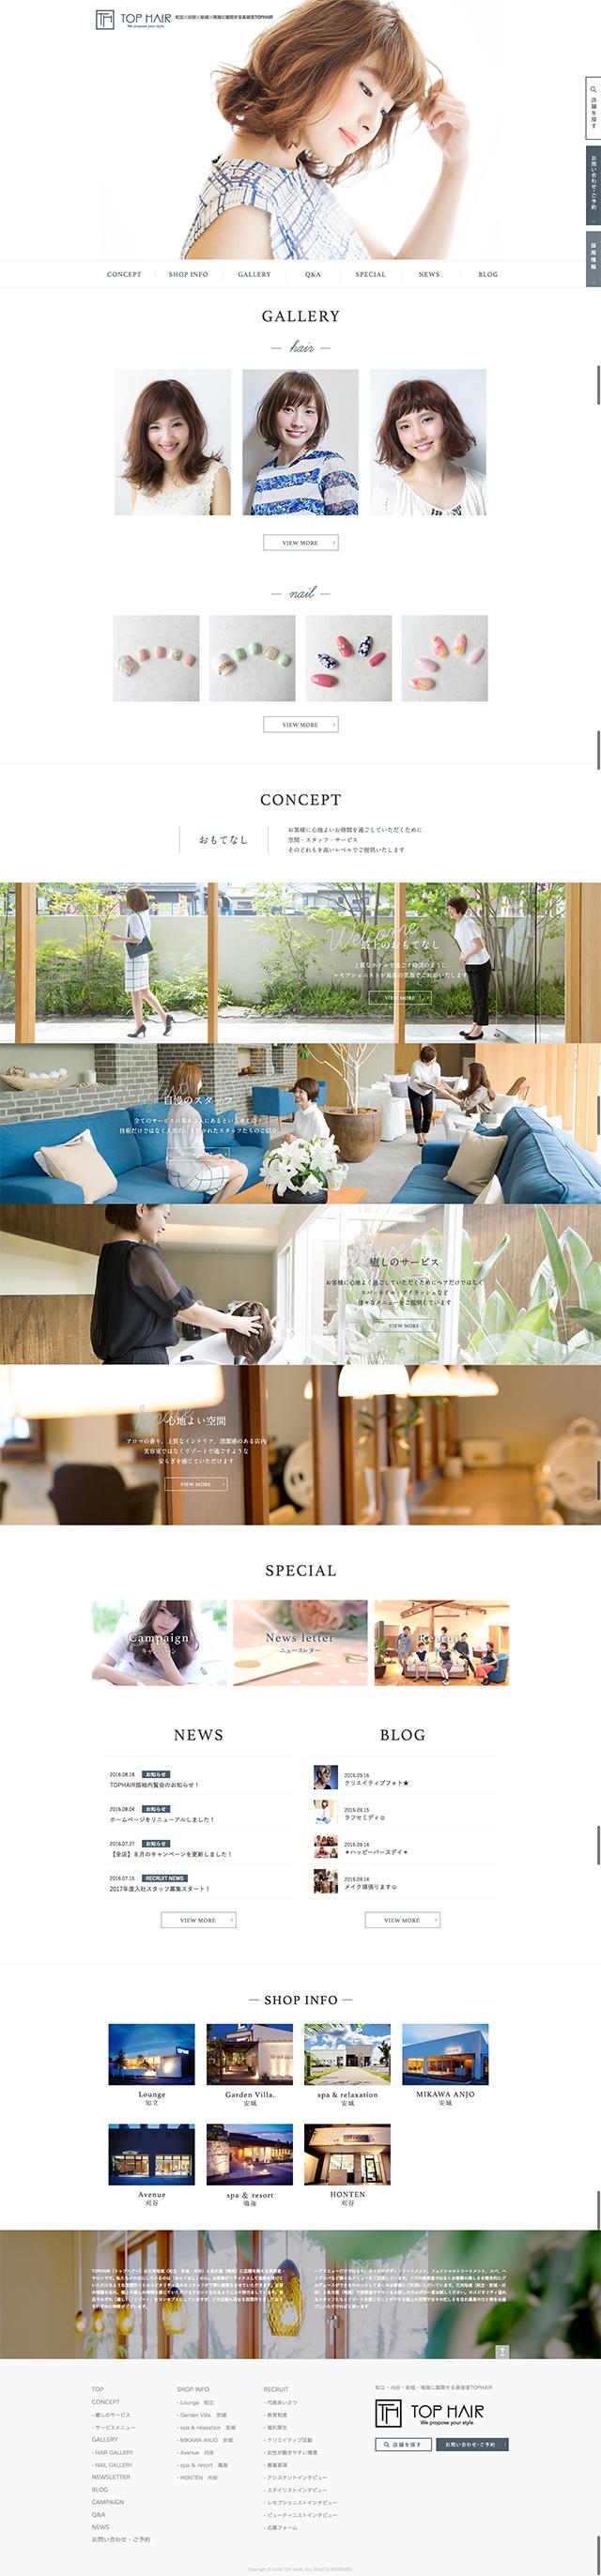 ホームページ制作|知立・刈谷・安城・鳴海に展開する美容室「TOP HAIR」様